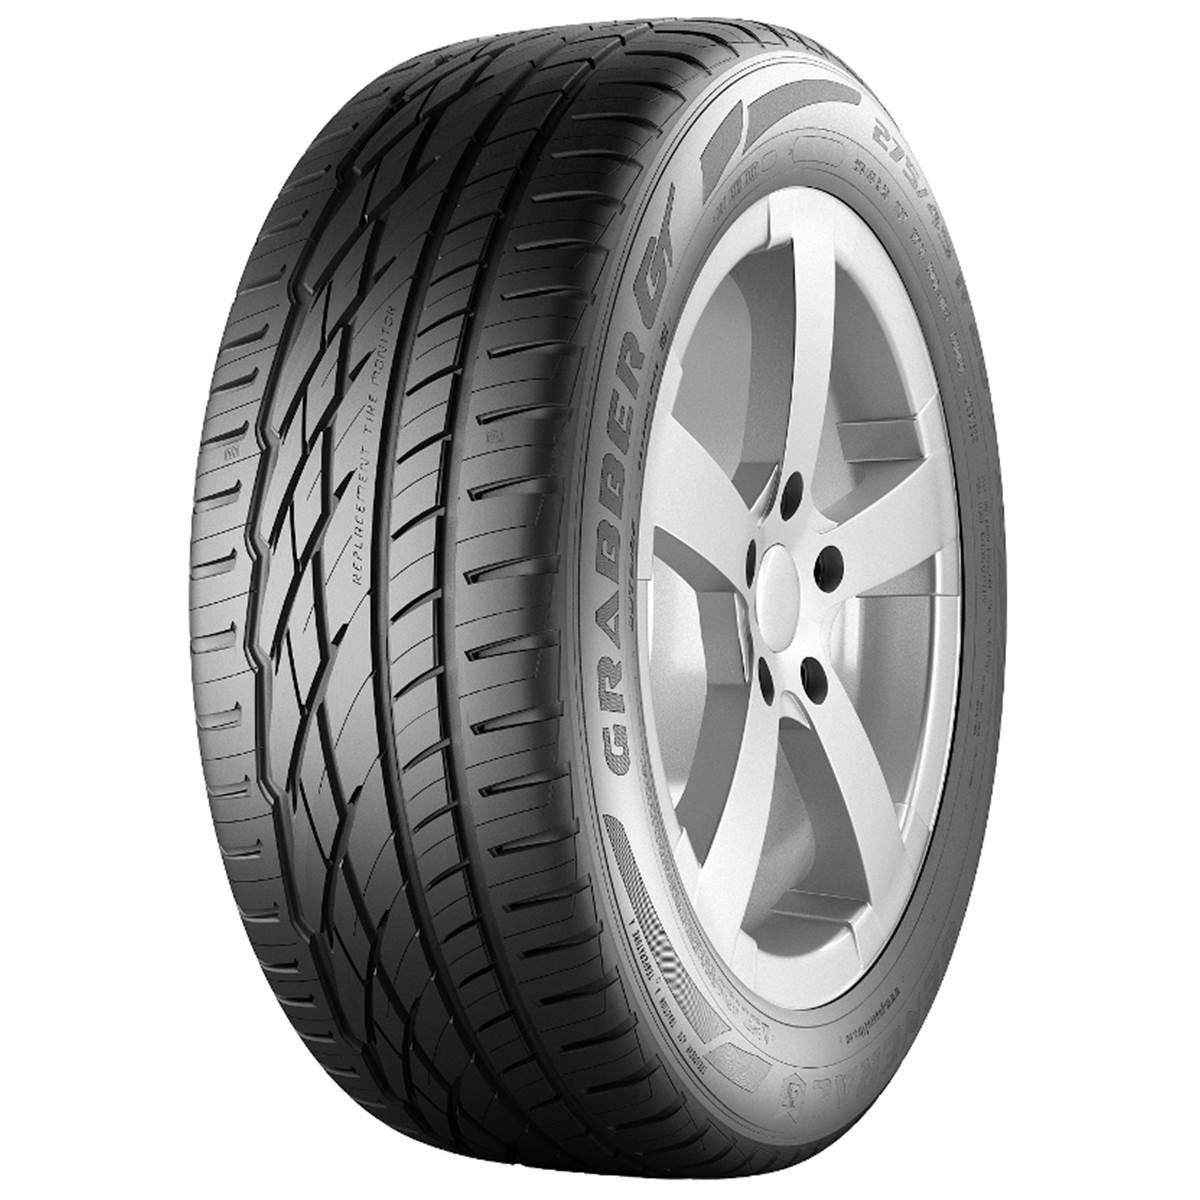 Pneu 4X4 General Tire 205/80R16 104T Grabber Gt XL